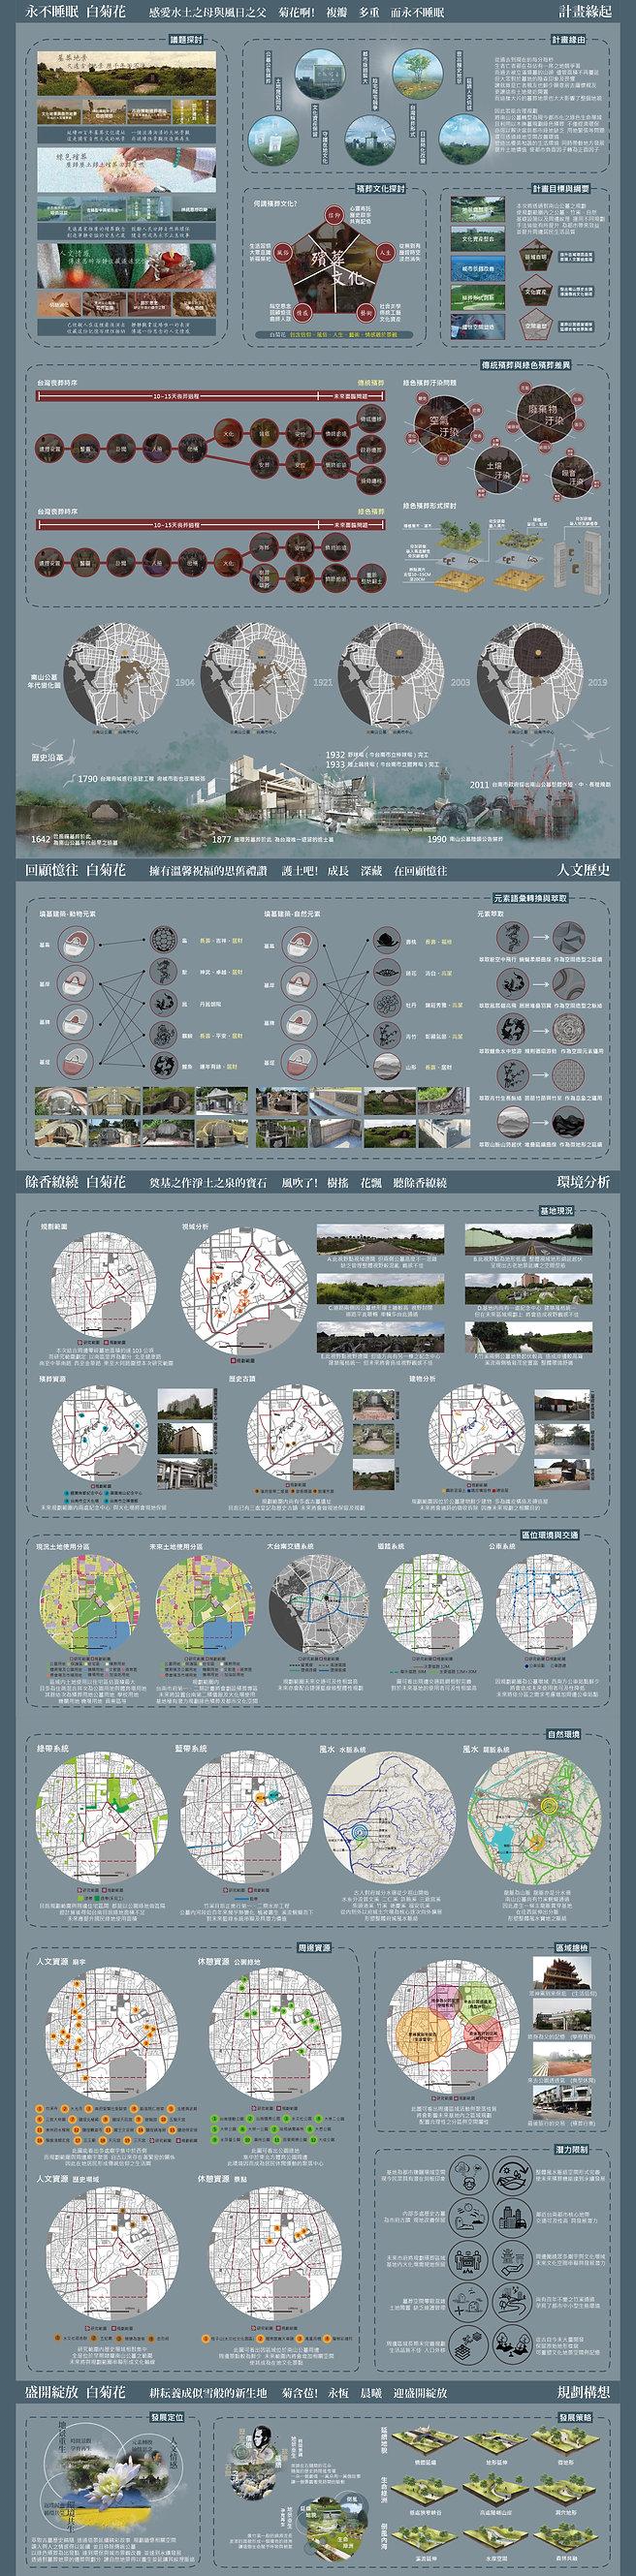 白菊花-大圖1.jpg